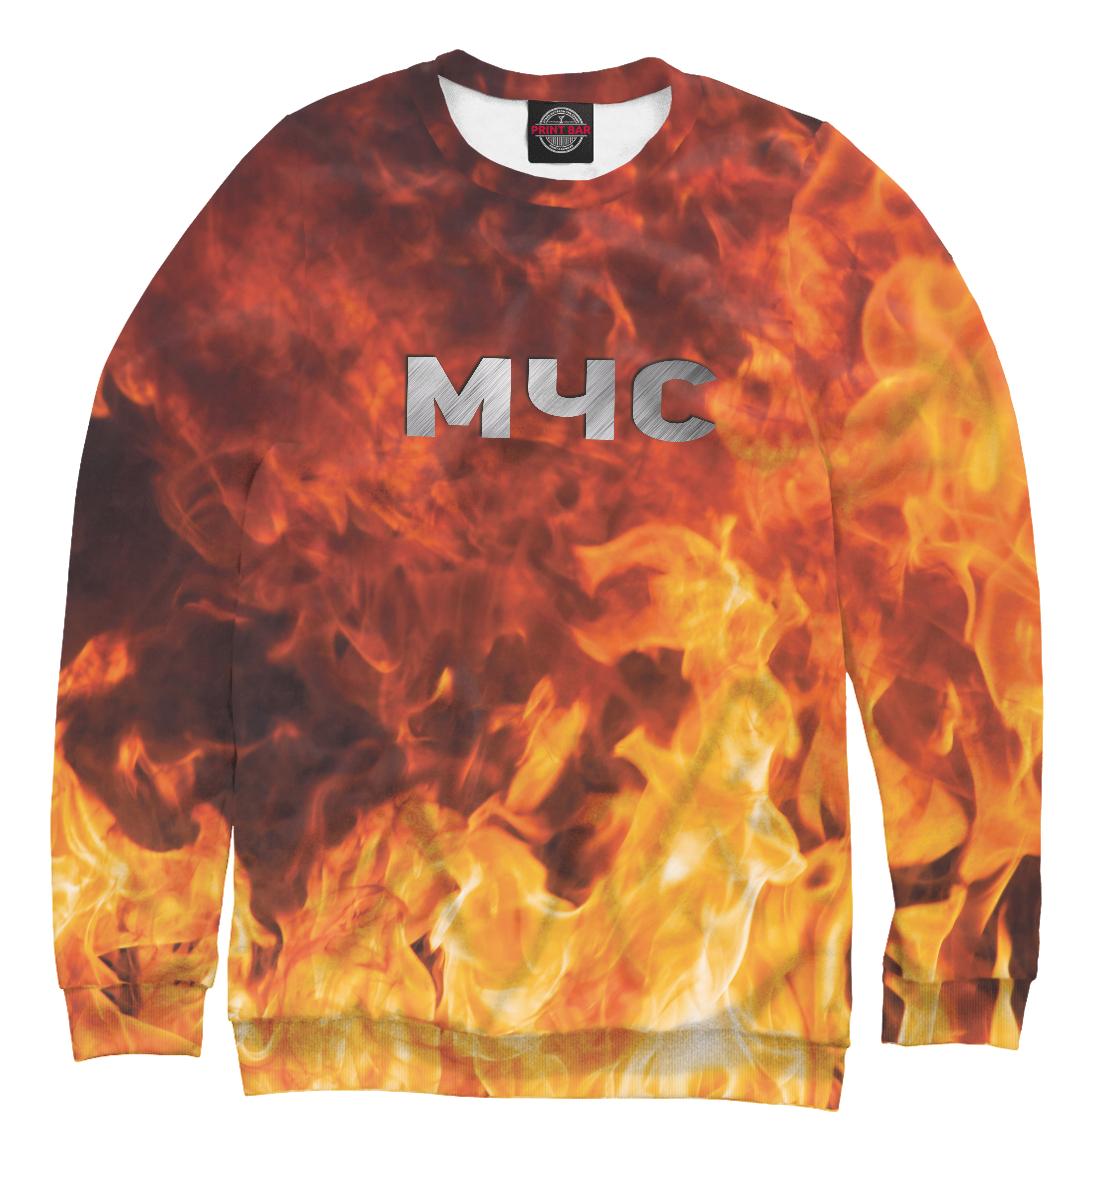 Купить МЧС - Пожарный, Printbar, Свитшоты, MCS-527098-swi-2